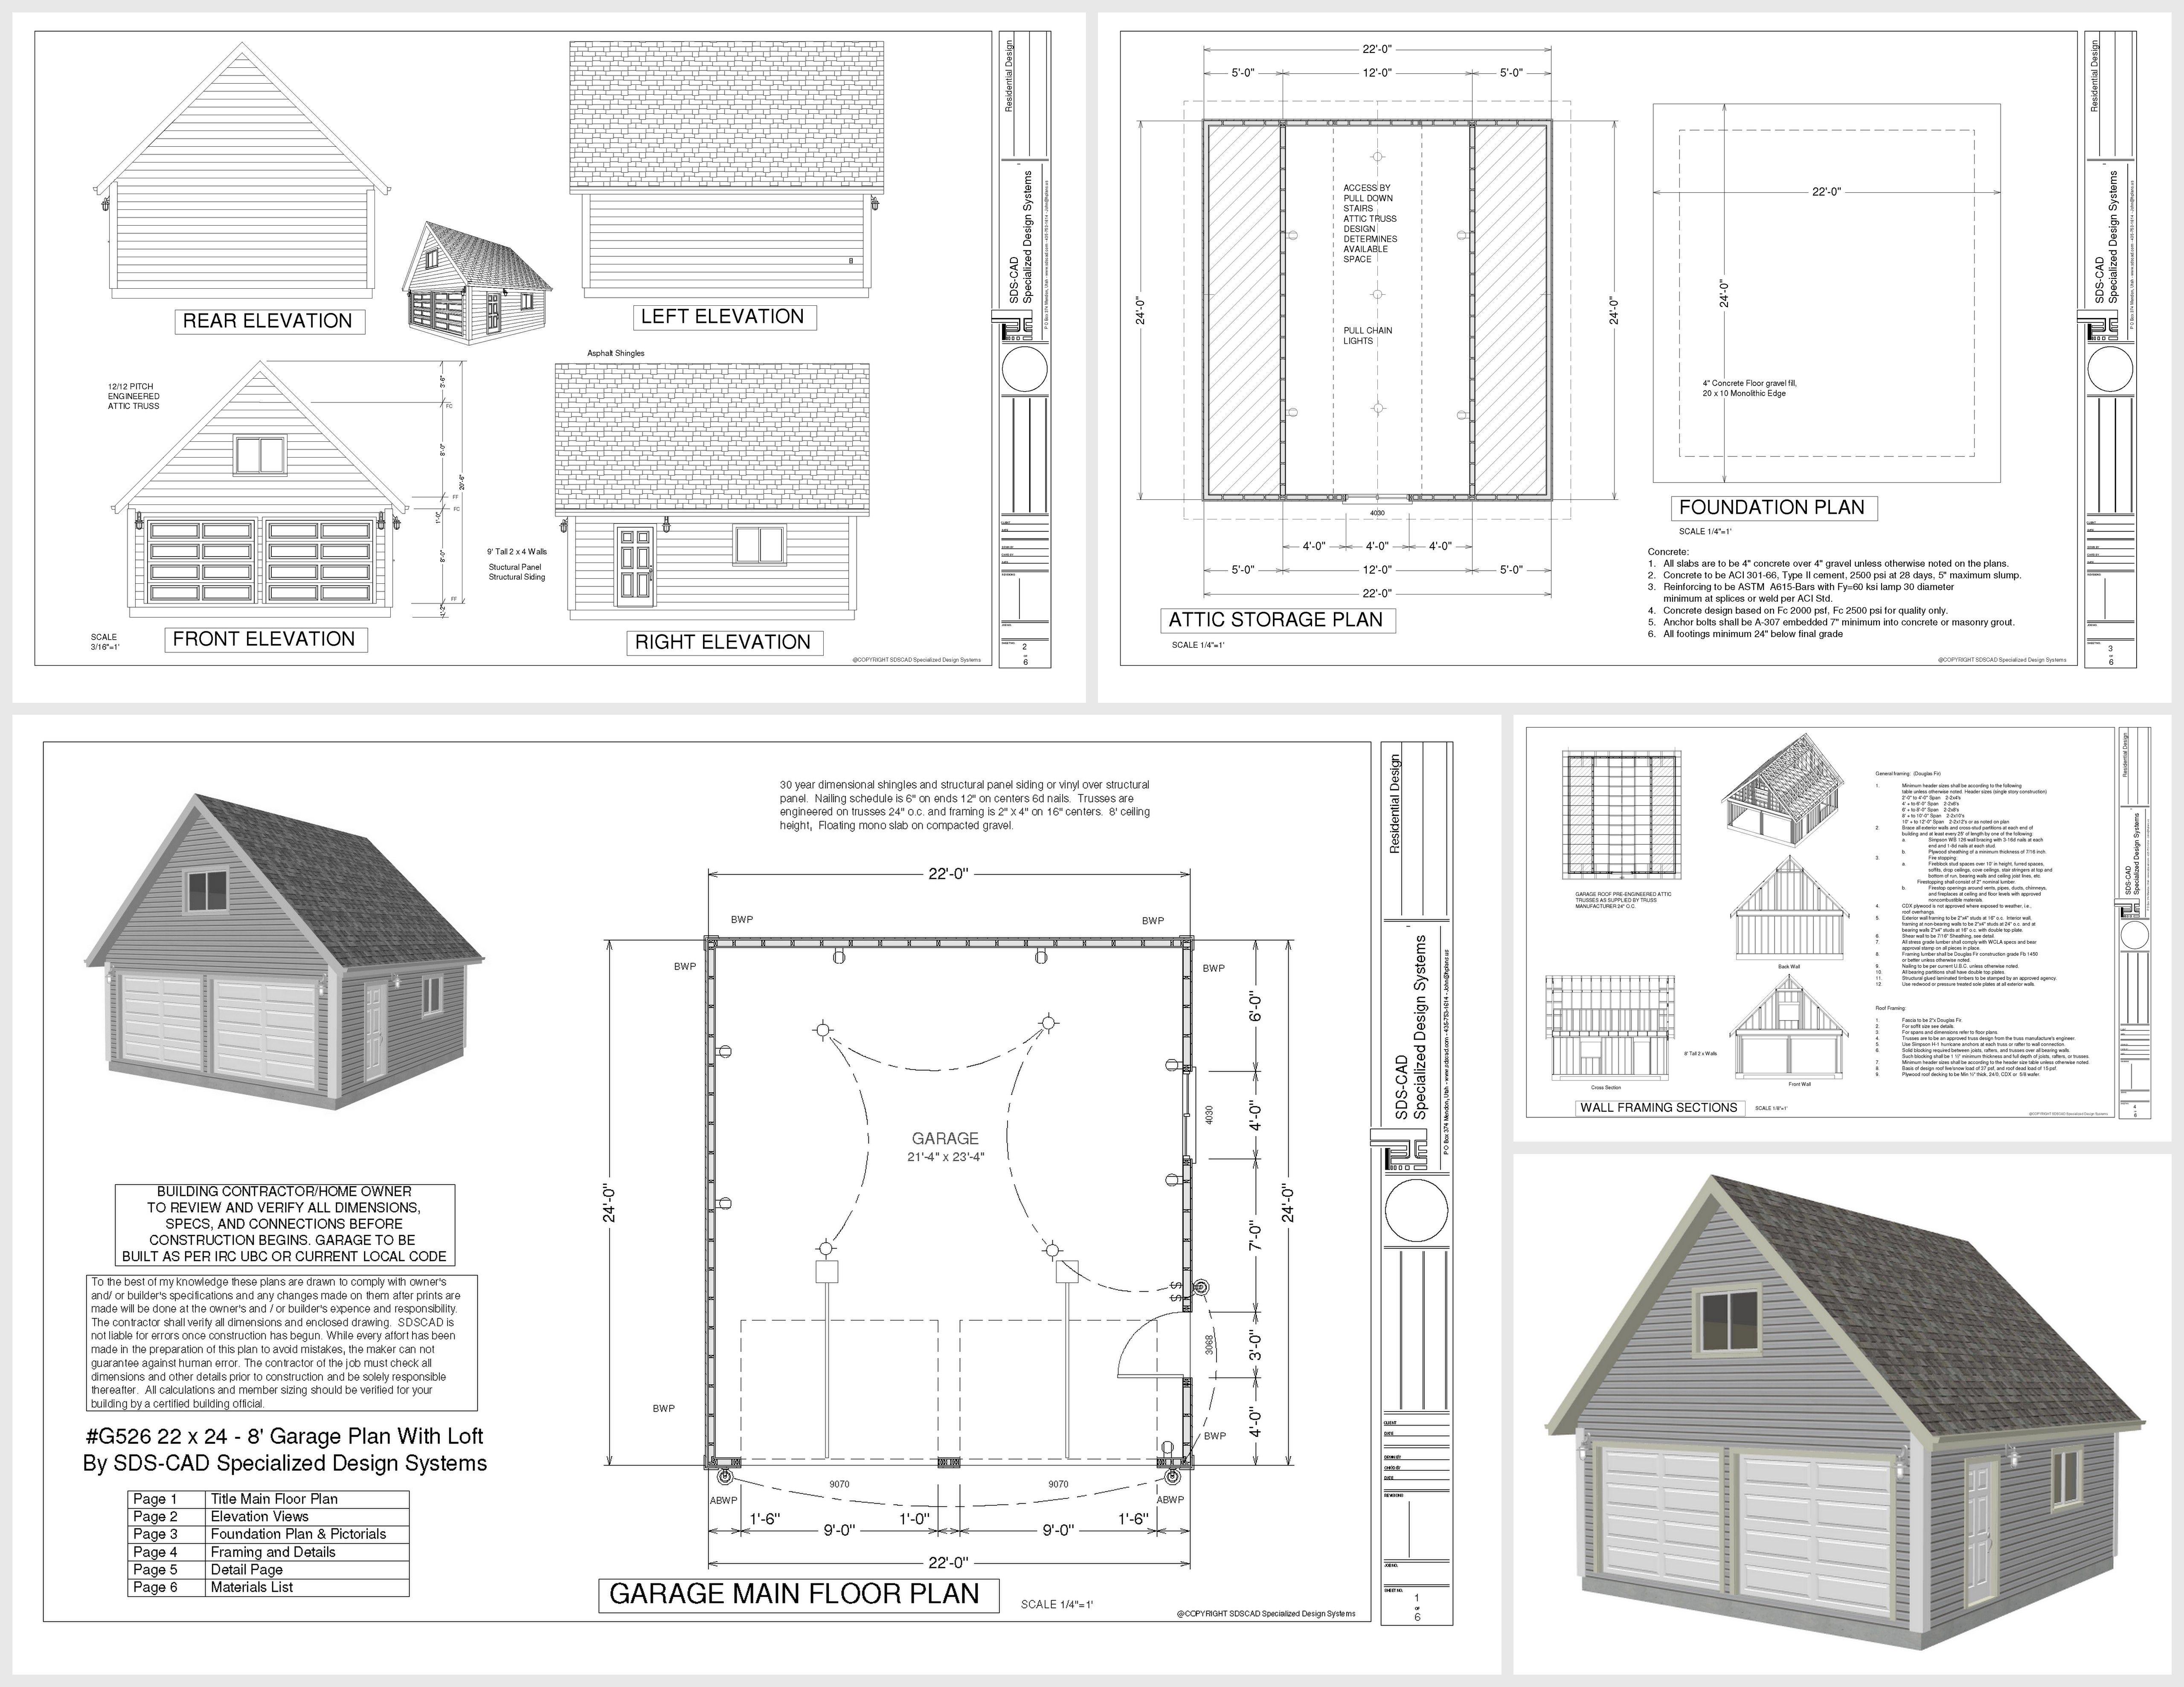 G526 22 X 24 8 Garage Plan With Loft Dwg And Pdf Garage Plans With Loft Garage Plans Shop Plans